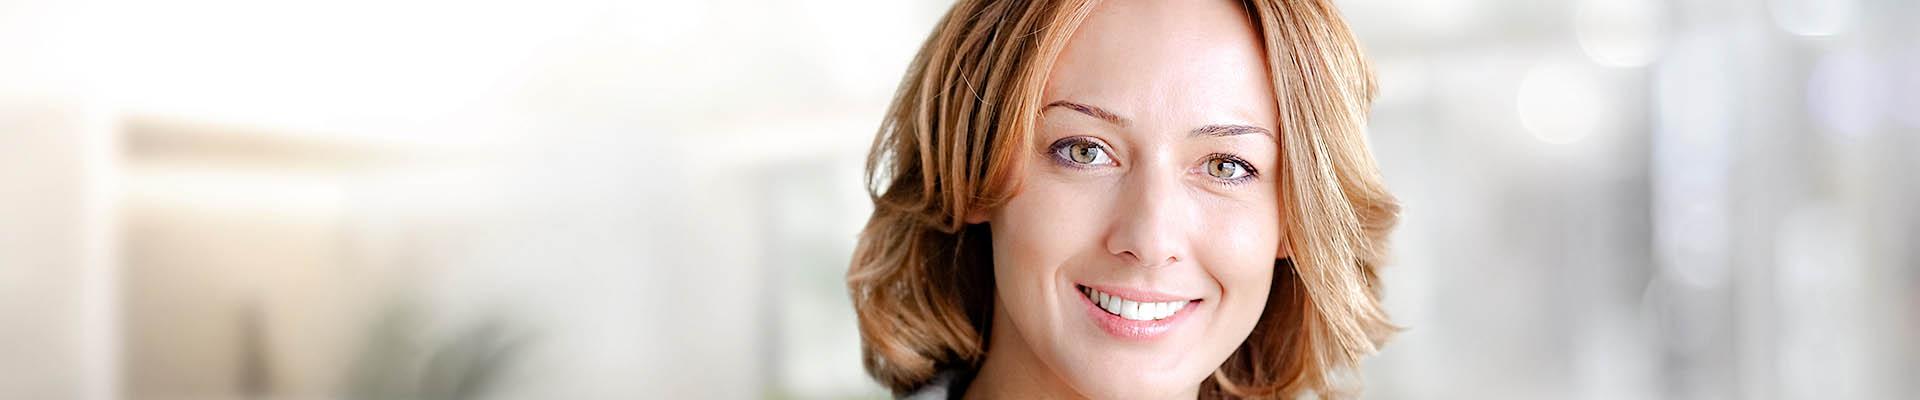 Management | INCREON | Armin Bastl, Christina Bastl, Katharina Graf - Geschäftsführung von INCREON